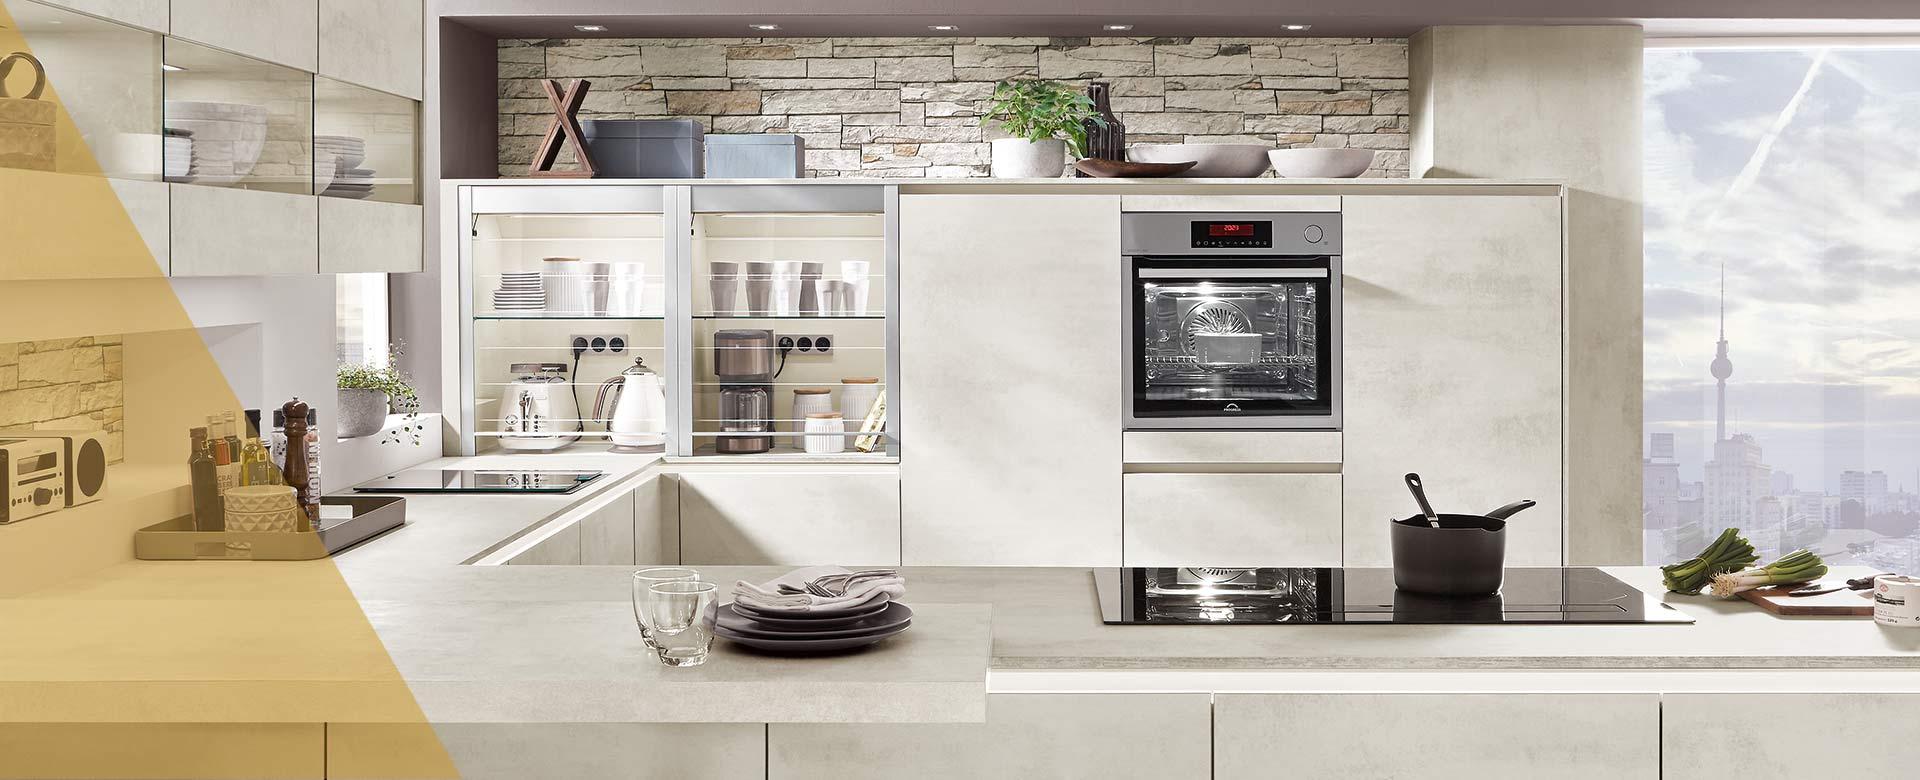 Full Size of Nobilia Preisliste Küche Einbauküche Wohnzimmer Nobilia Preisliste